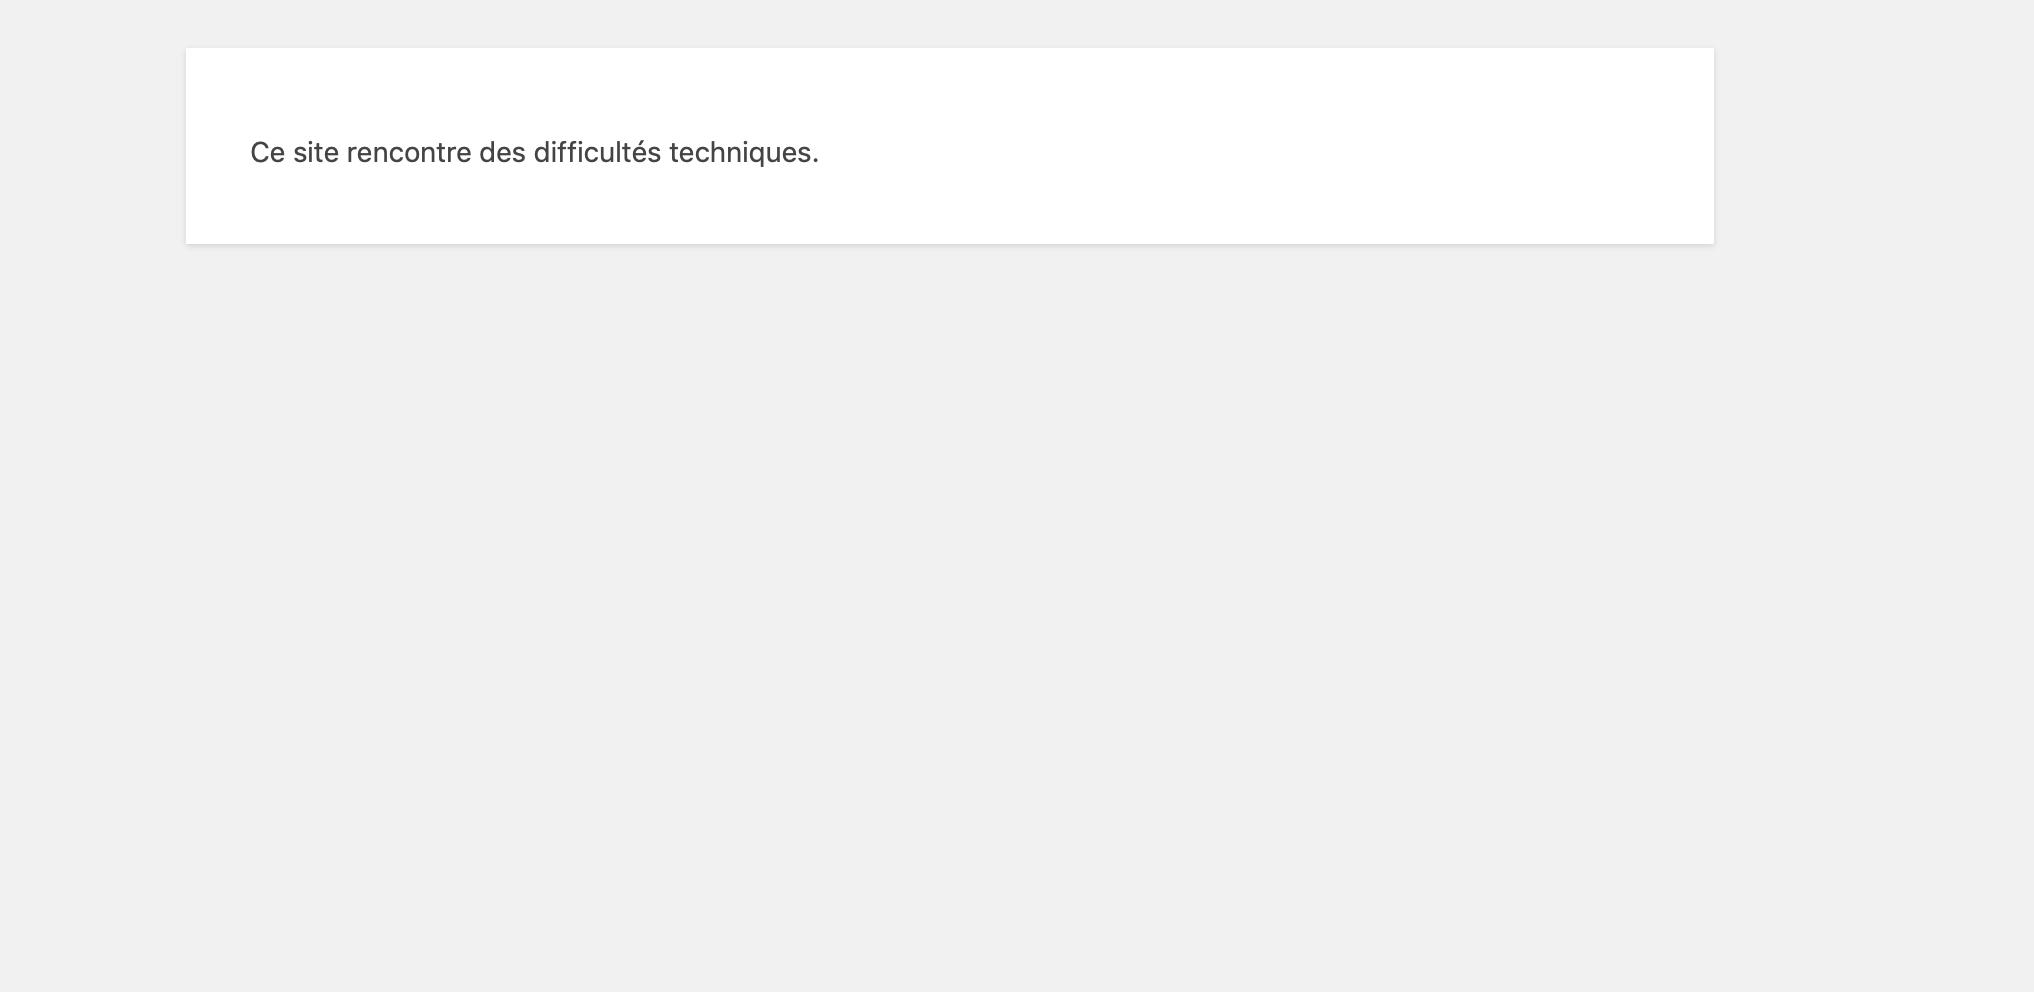 ce site rencontre des difficultés techniques. ovh